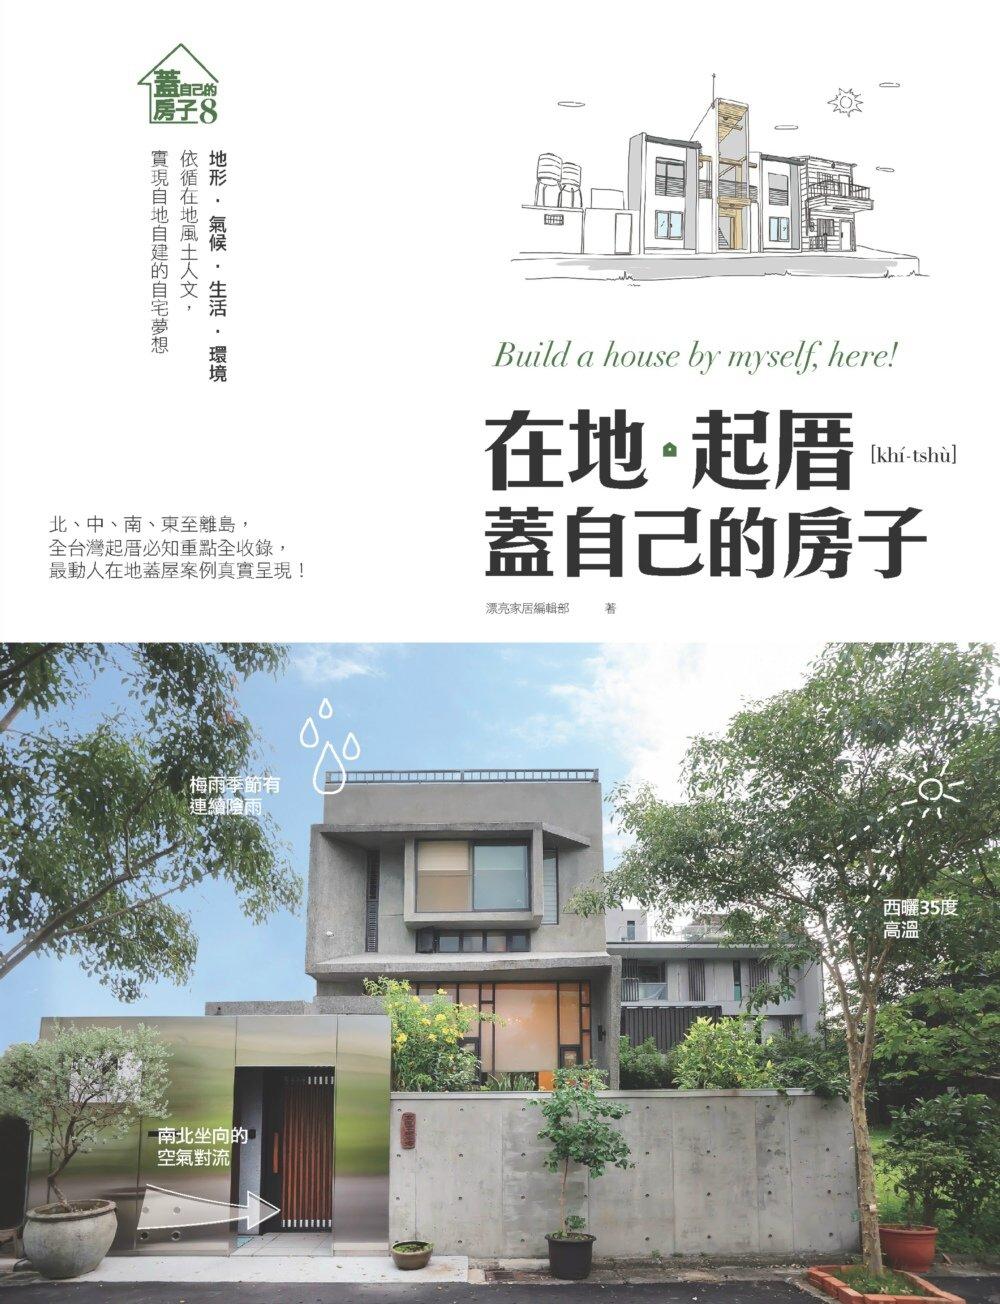 在地。起厝 蓋自己的房子:地形‧氣候‧生活‧環境 依循在地風土人文,實現自地自建的自宅夢想